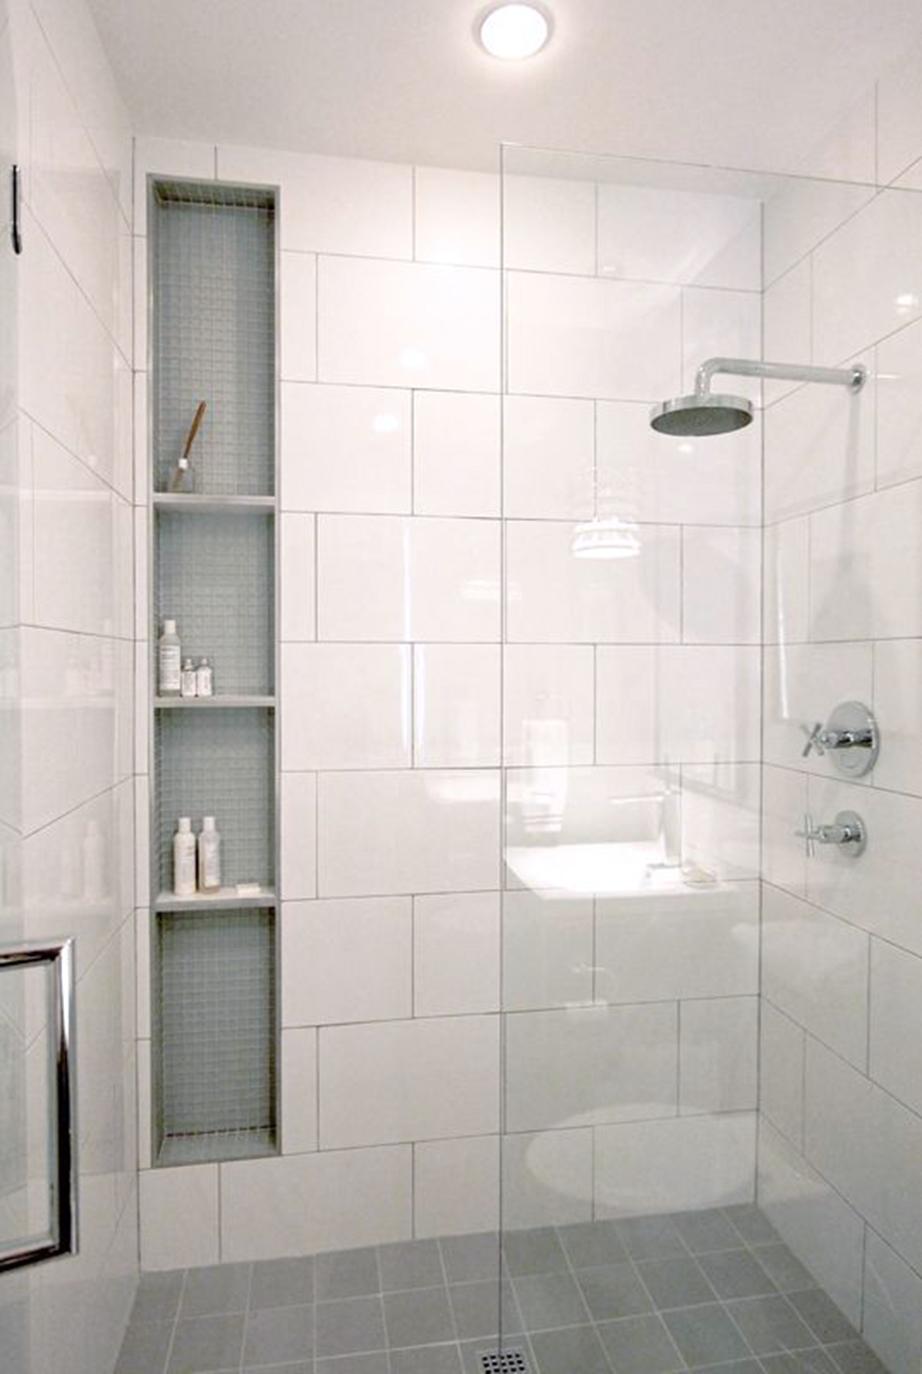 Προτιμήστε το λευκό αν το μπάνιο σας είναι μικρό.